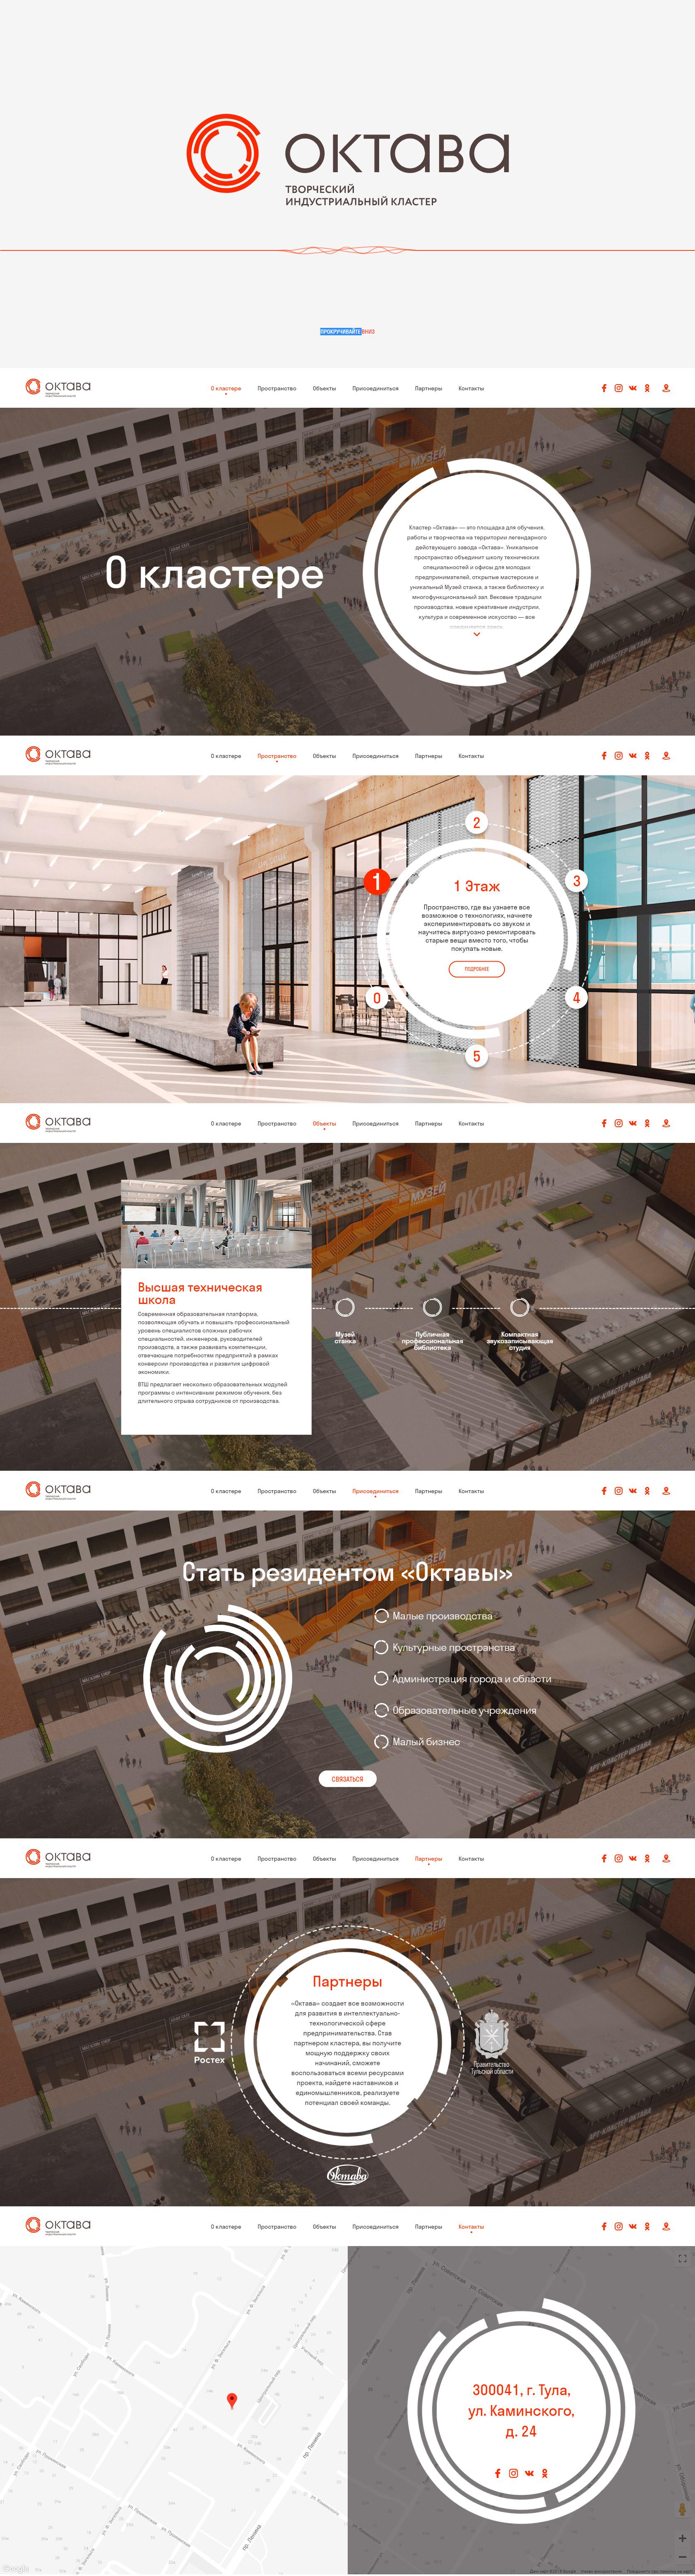 Октава Кластер - fullpage верстка сайта площадки для обучения от завода Октава